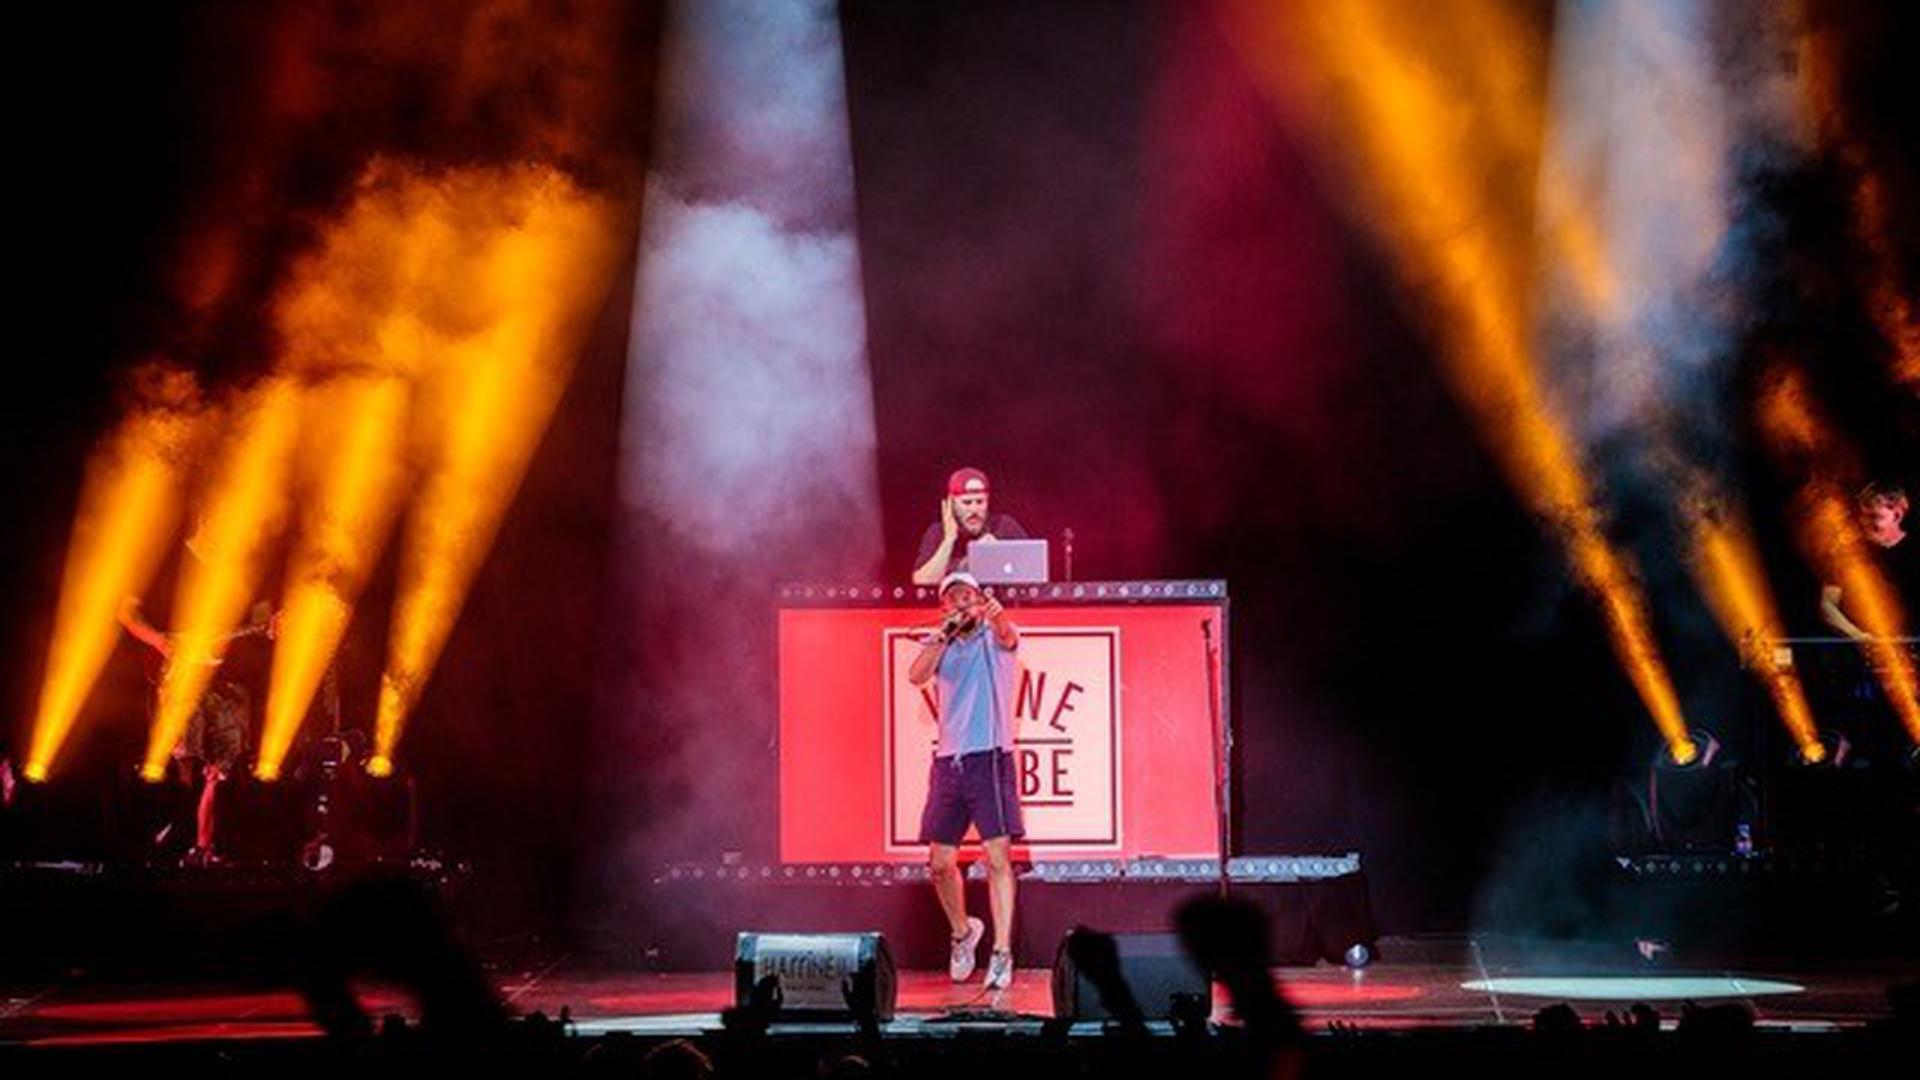 """Kommt nach Schwann: Der Berliner Rapper Prinz Pi gibt am 23. August. das Abschlusskonzert des """"Little Happiness"""" auf dem Festivalgelände am Rande von Schwann."""